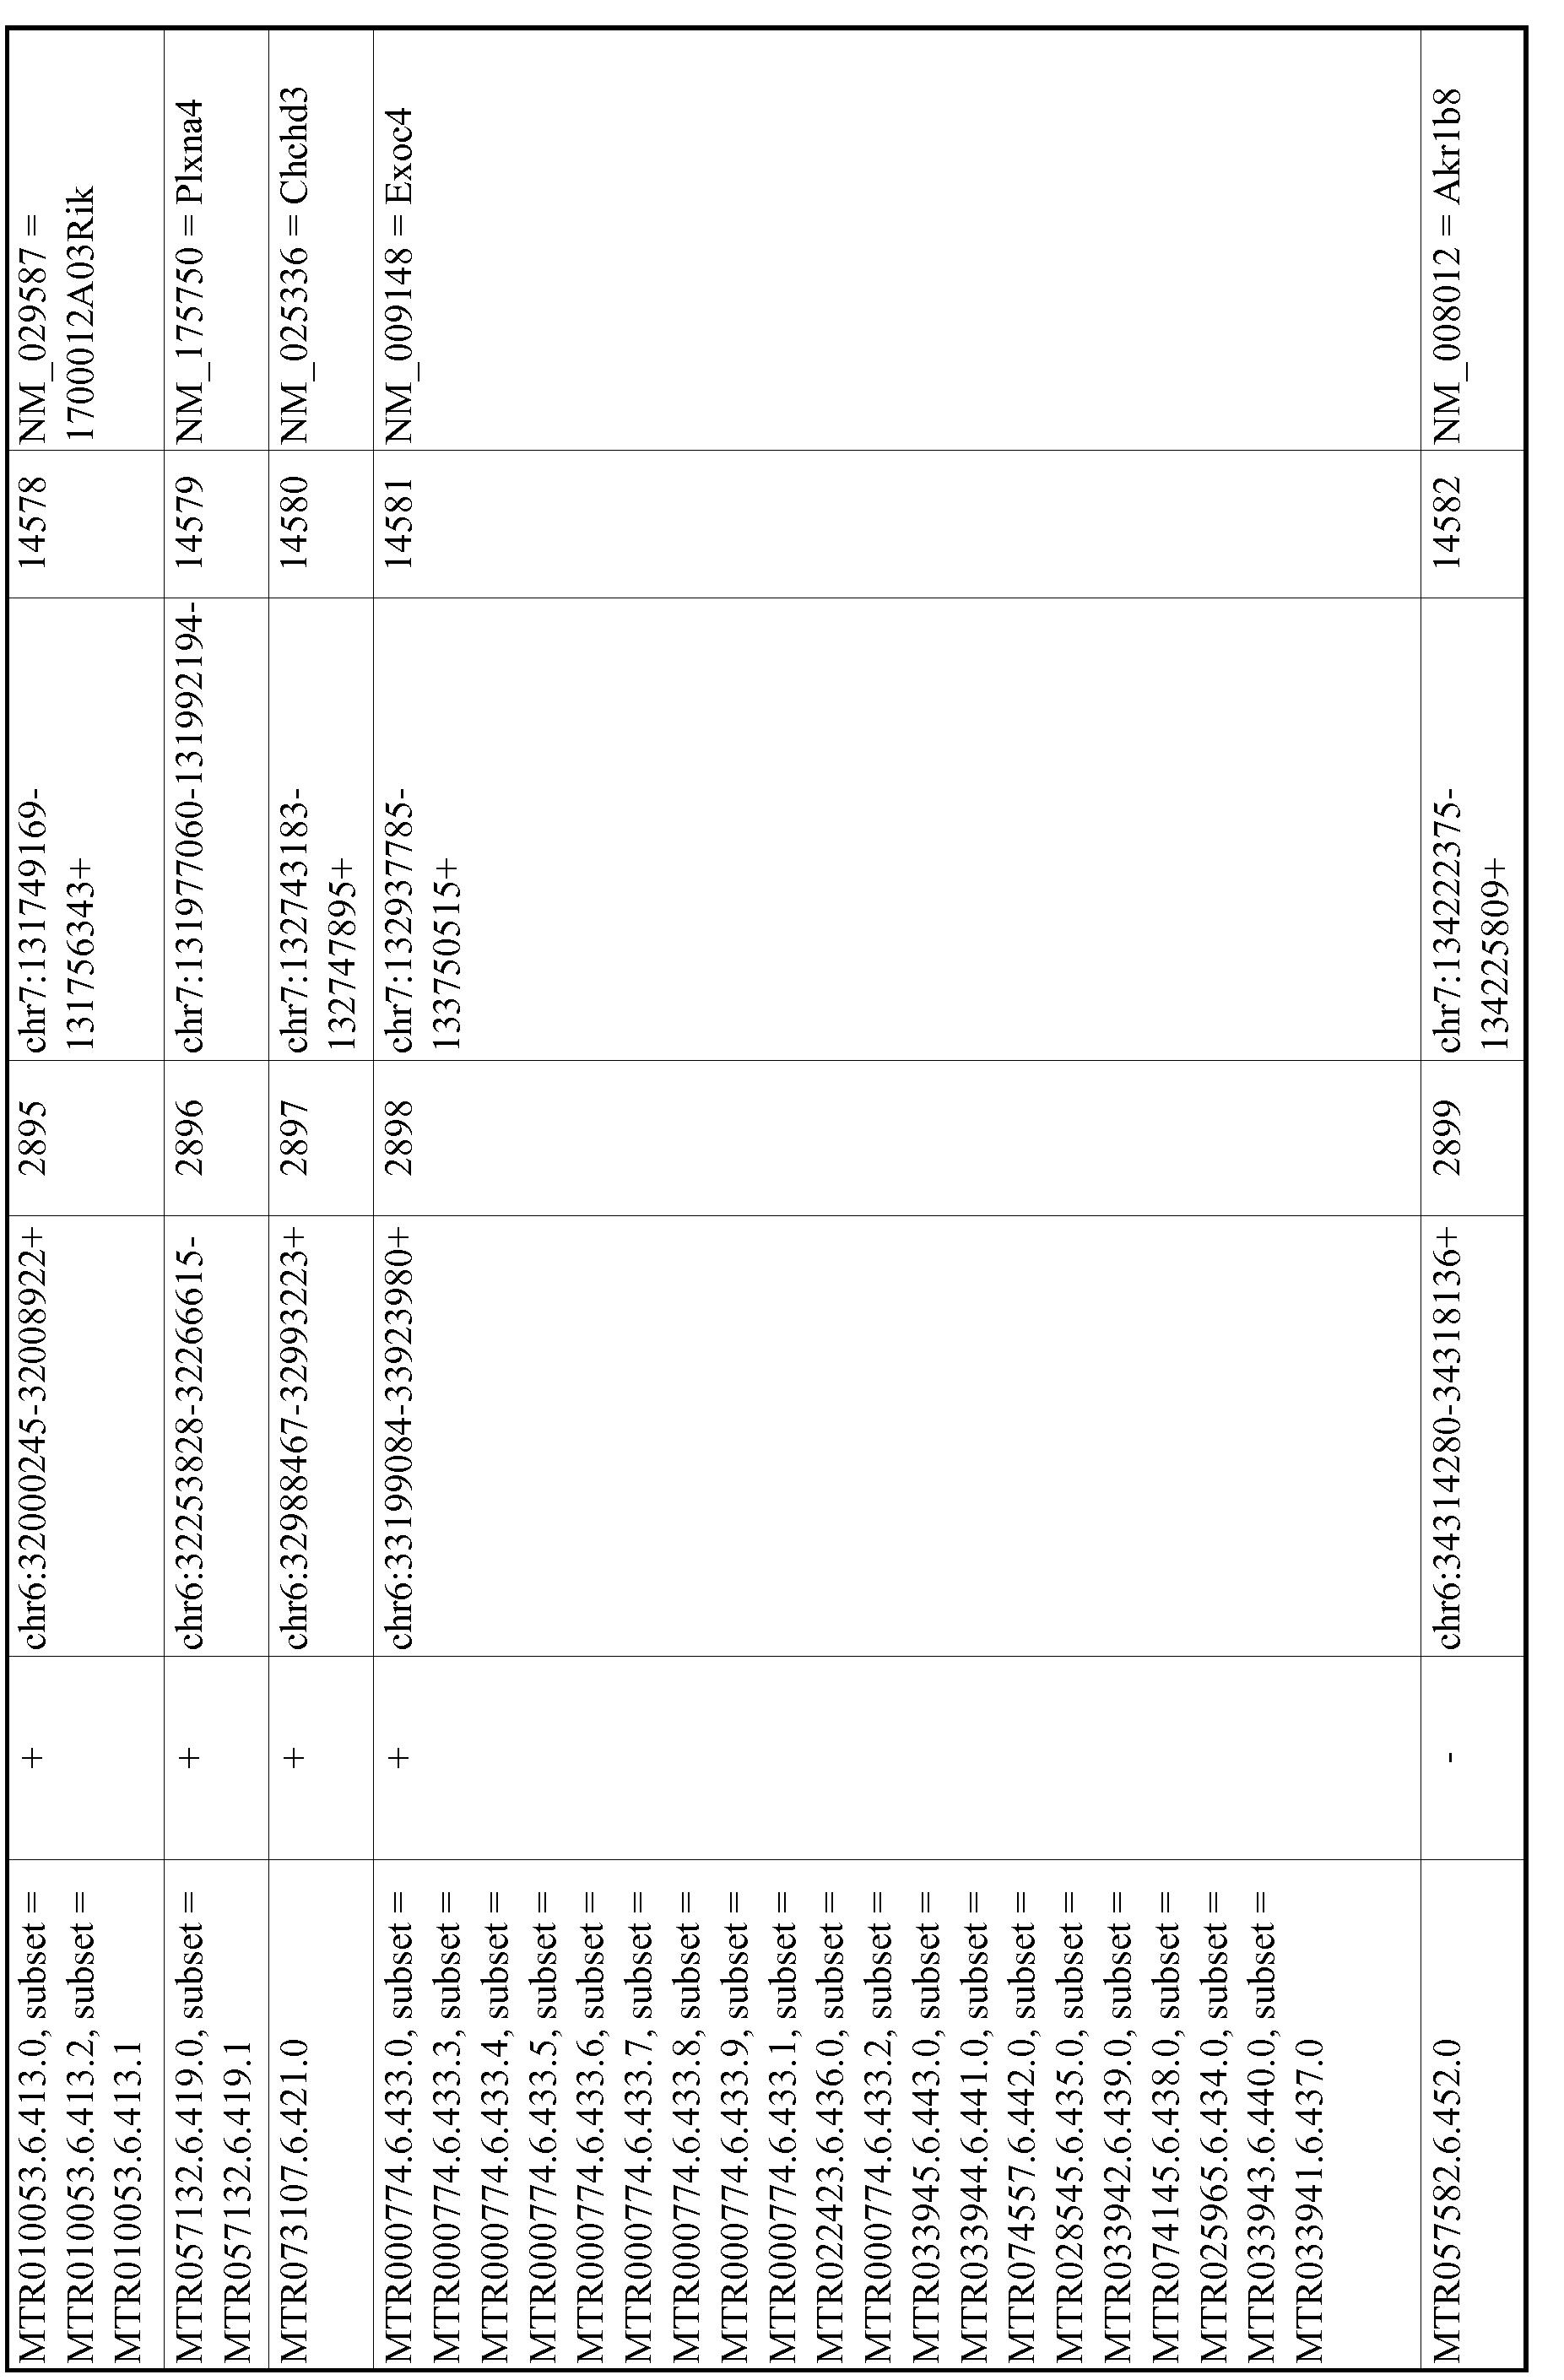 Figure imgf000591_0001